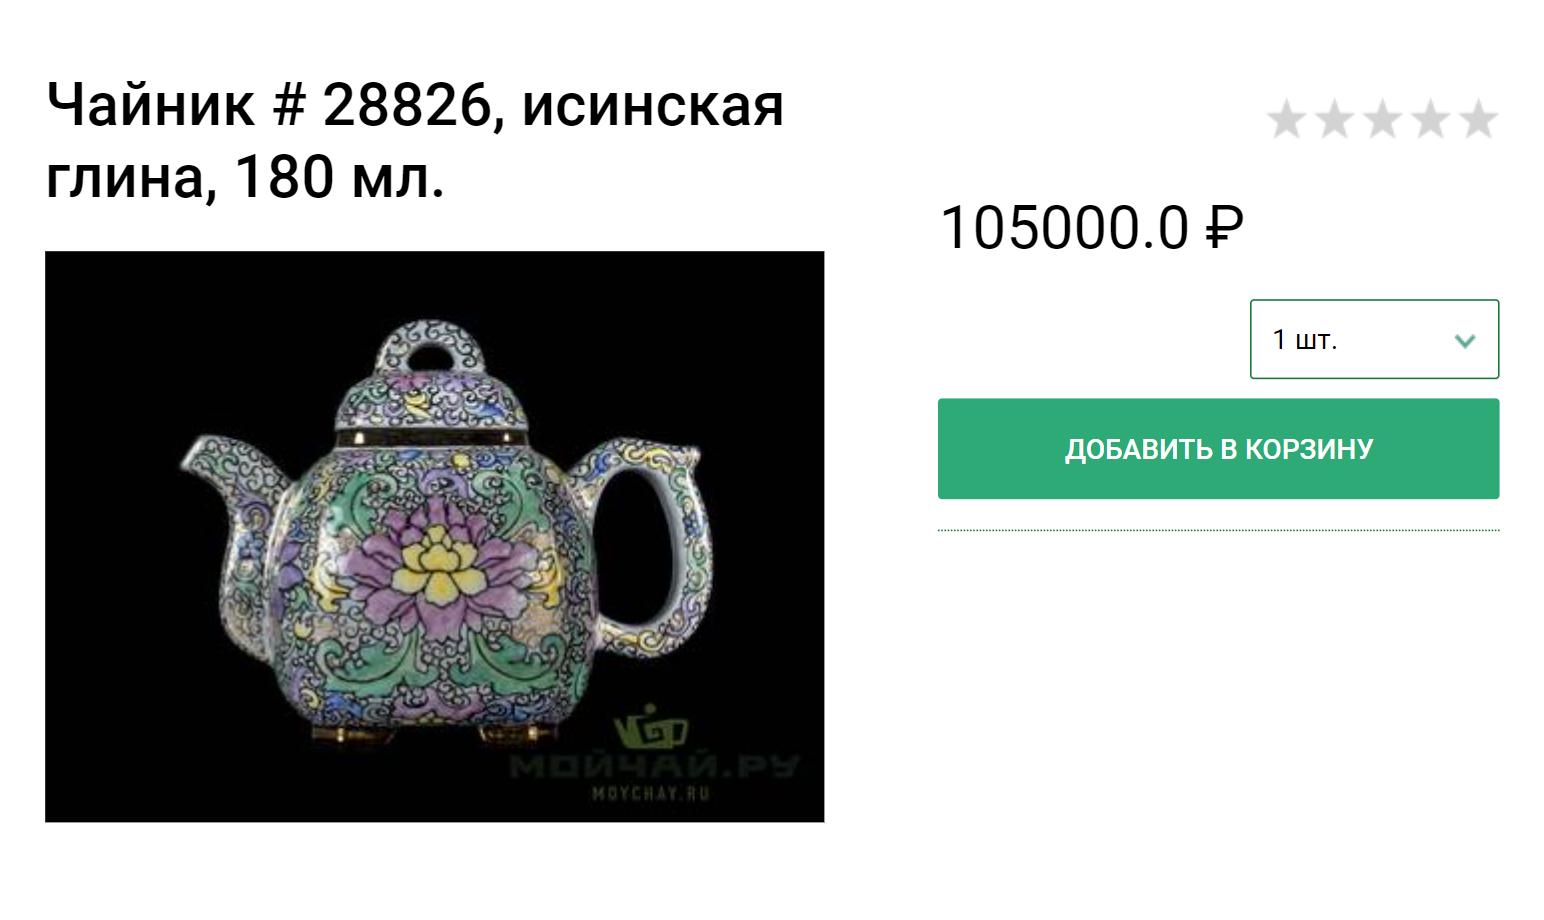 Красиво украшенные исинские чайники могут стоить и больше 100тысяч рублей. Источник: moychay.ru